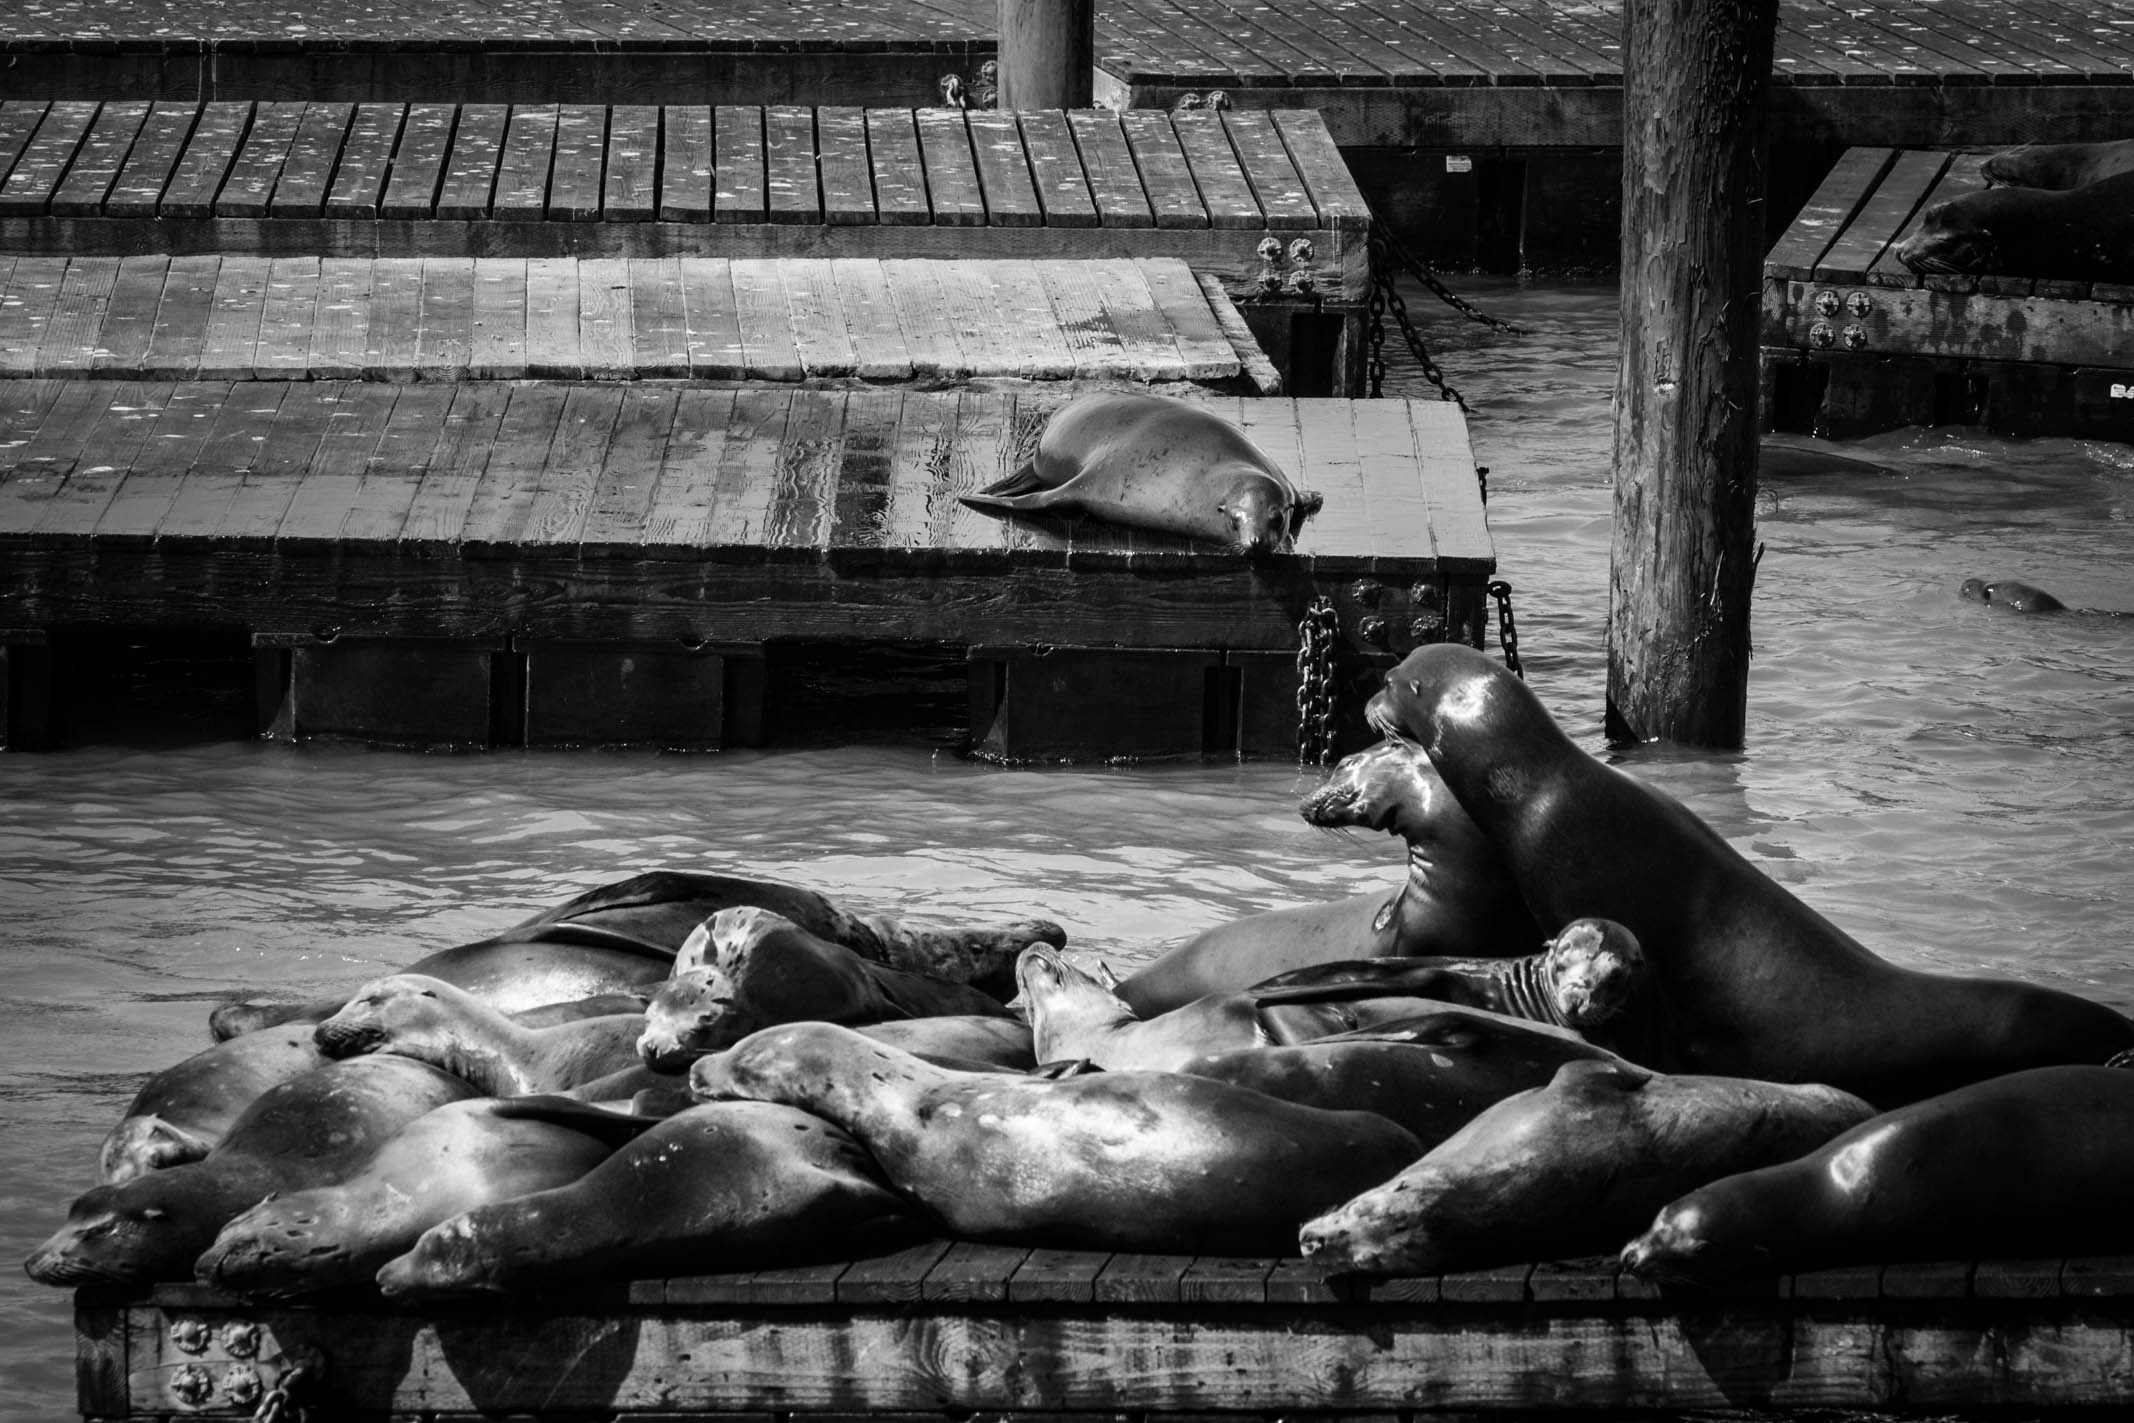 Les lions de mer entre le Pier 39 et le Fishermans Wharf